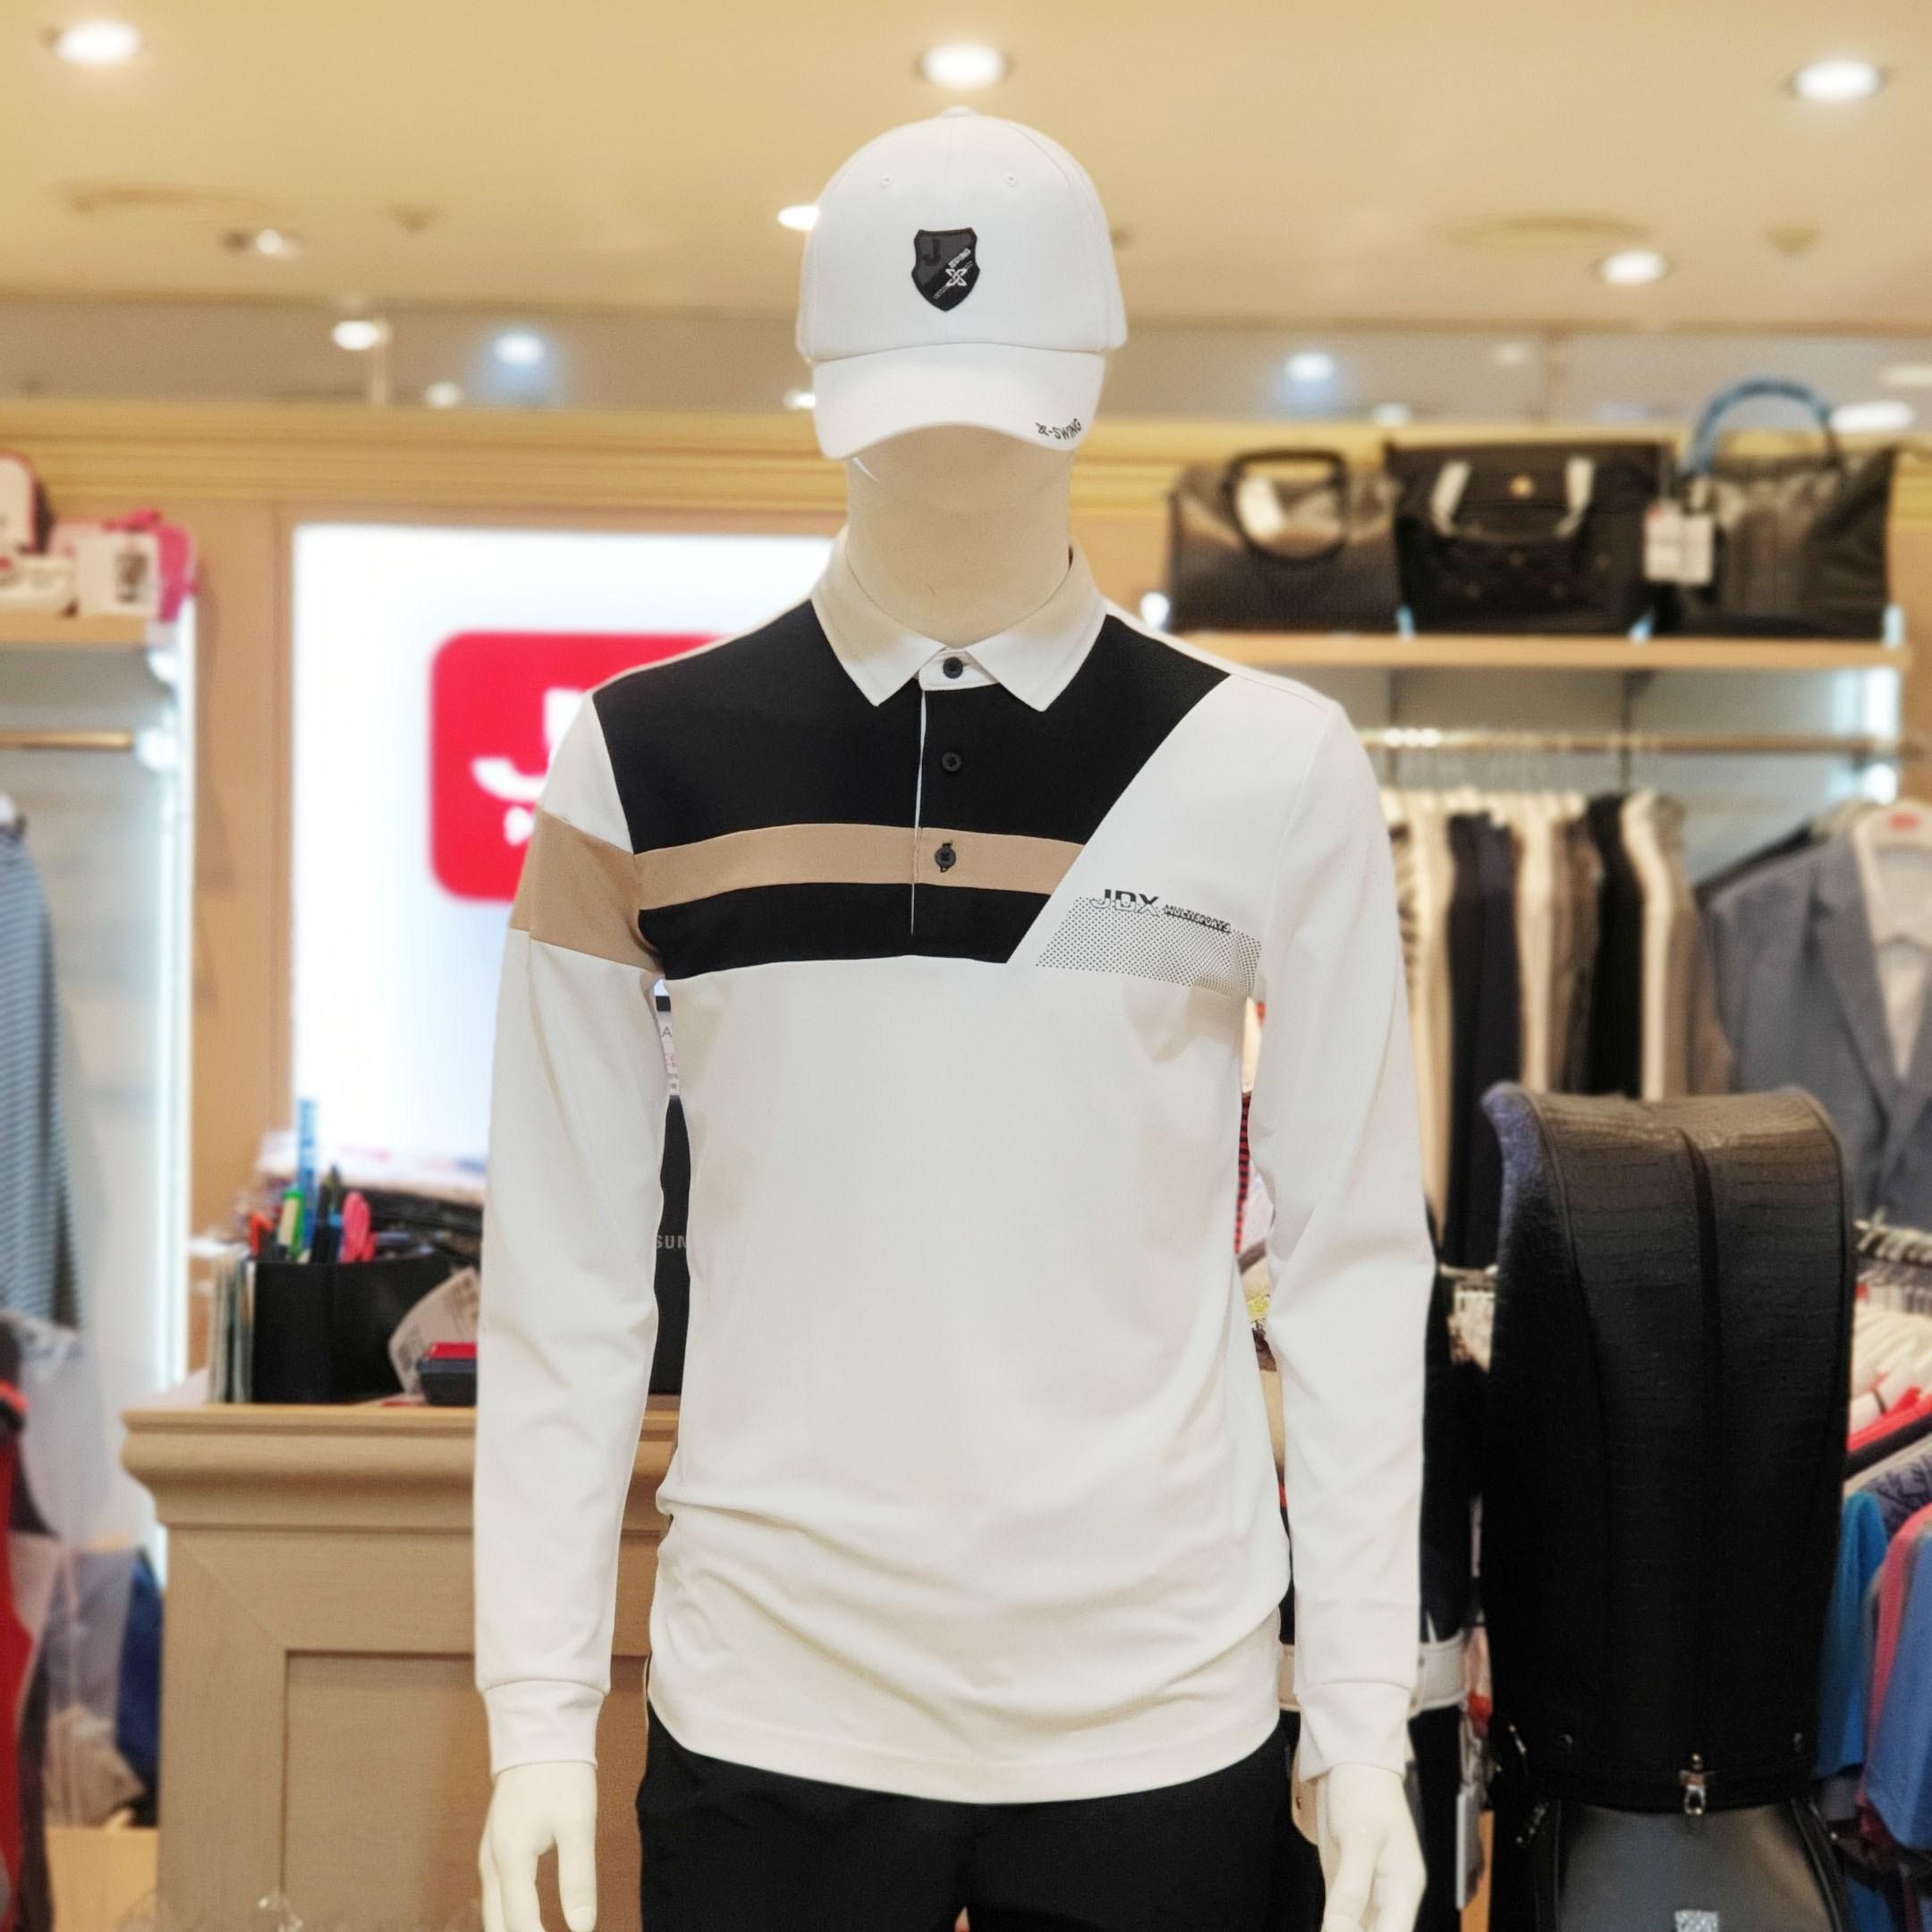 JDX 남성 앞 상단 사선절개 피케이 티셔츠, RE